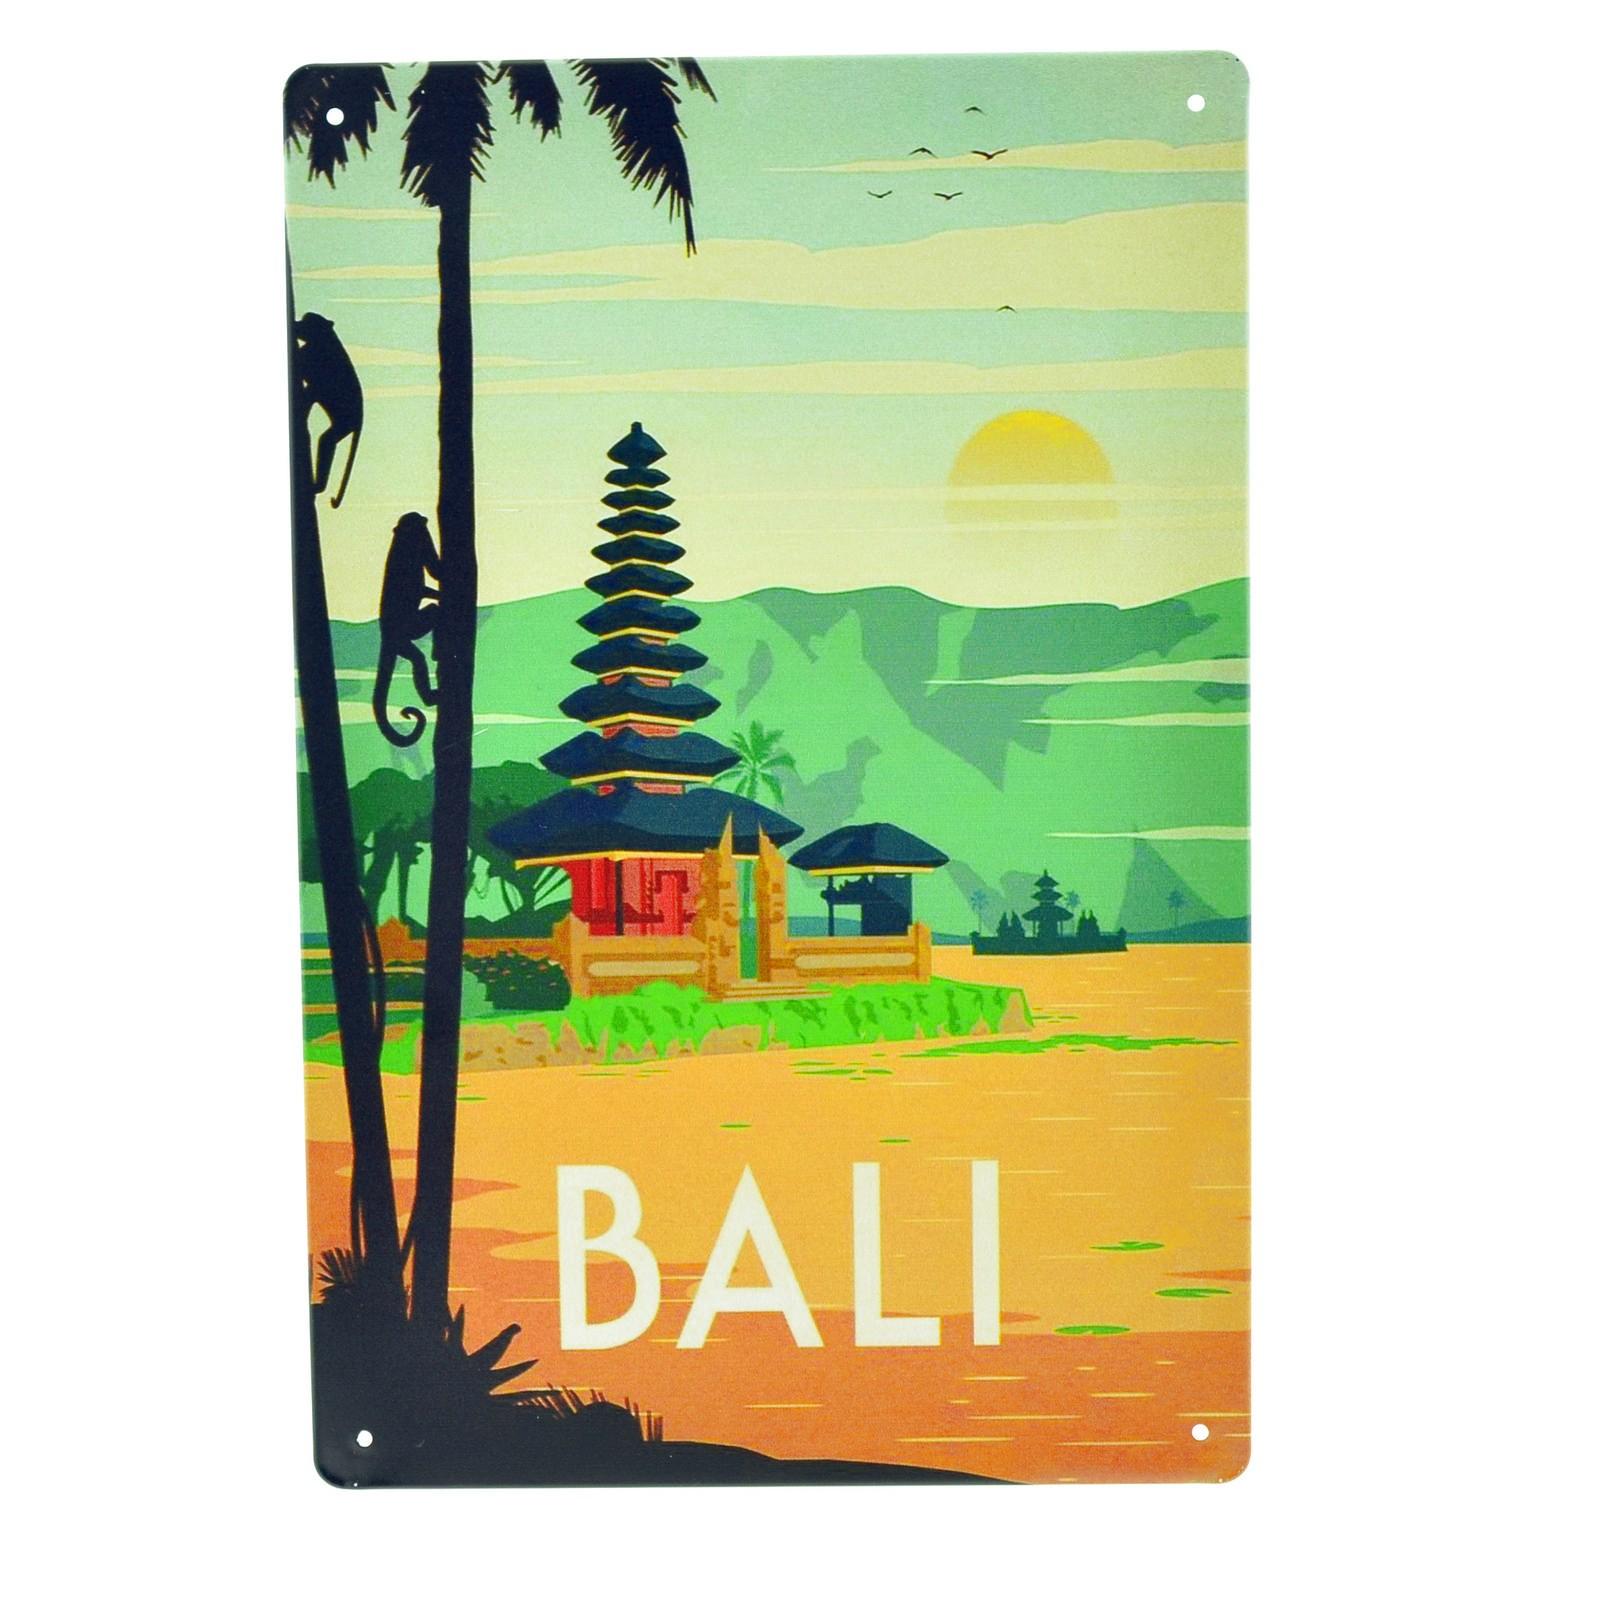 Cartel Metálico de Bali